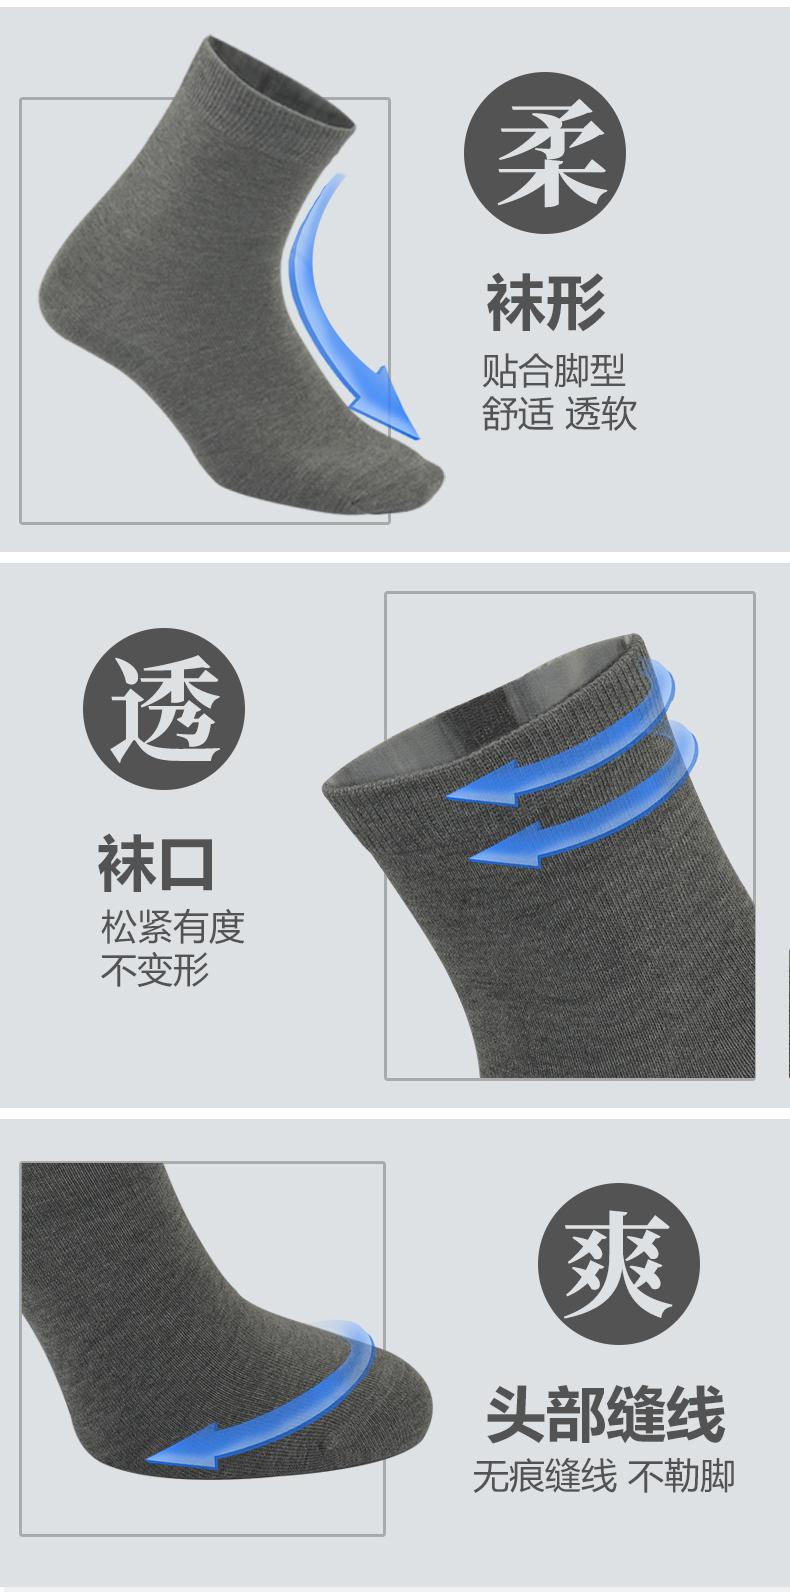 中国航天内衣供应商 康纶航天 AAA抗菌防臭袜 5双 图7